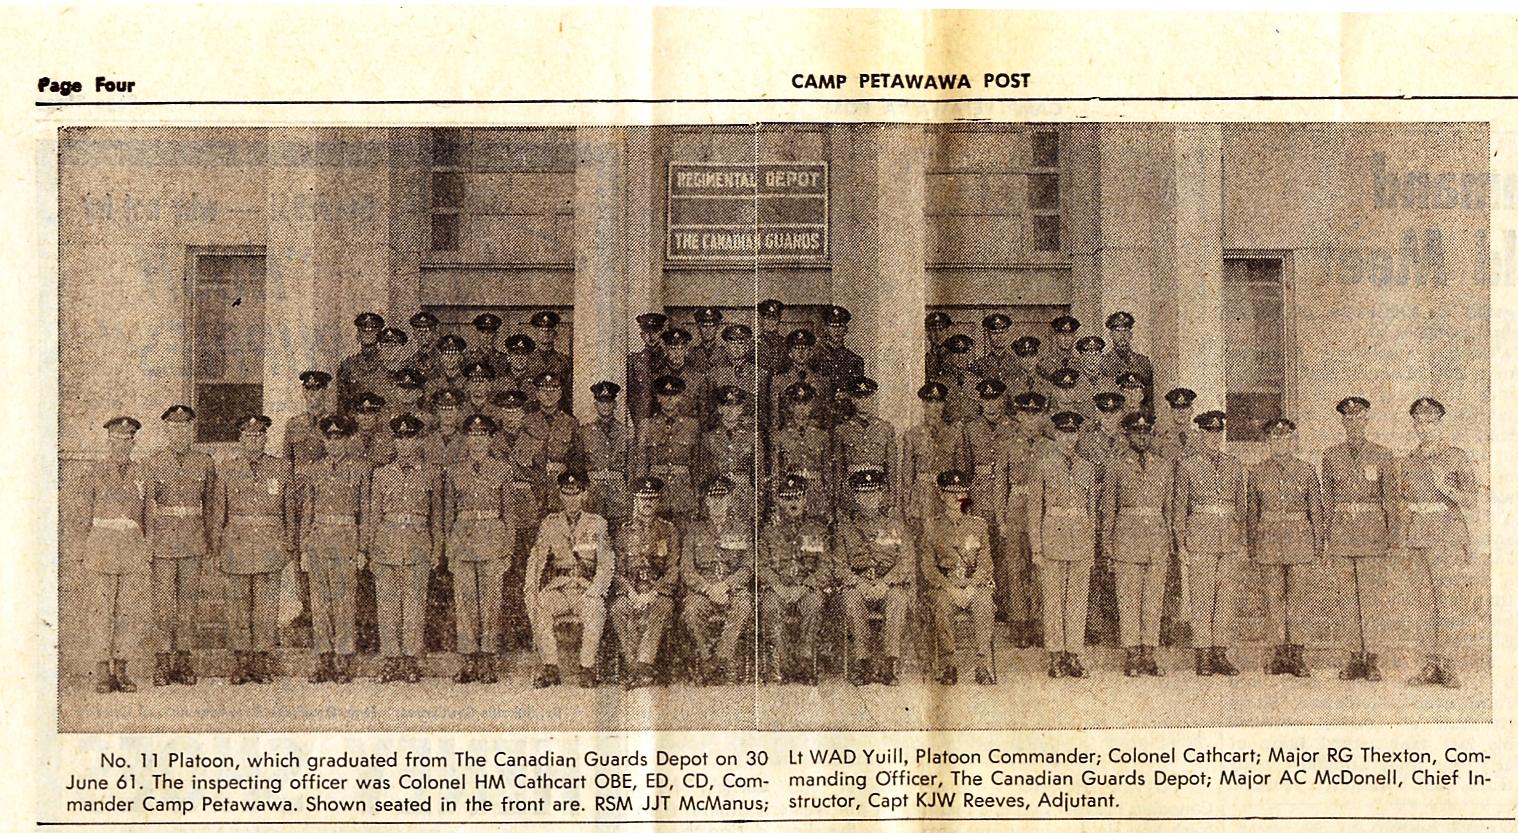 27_RSM McManus-Camp Petawawa Post-Wed 12 Jul 1961 - Pg 4aTop